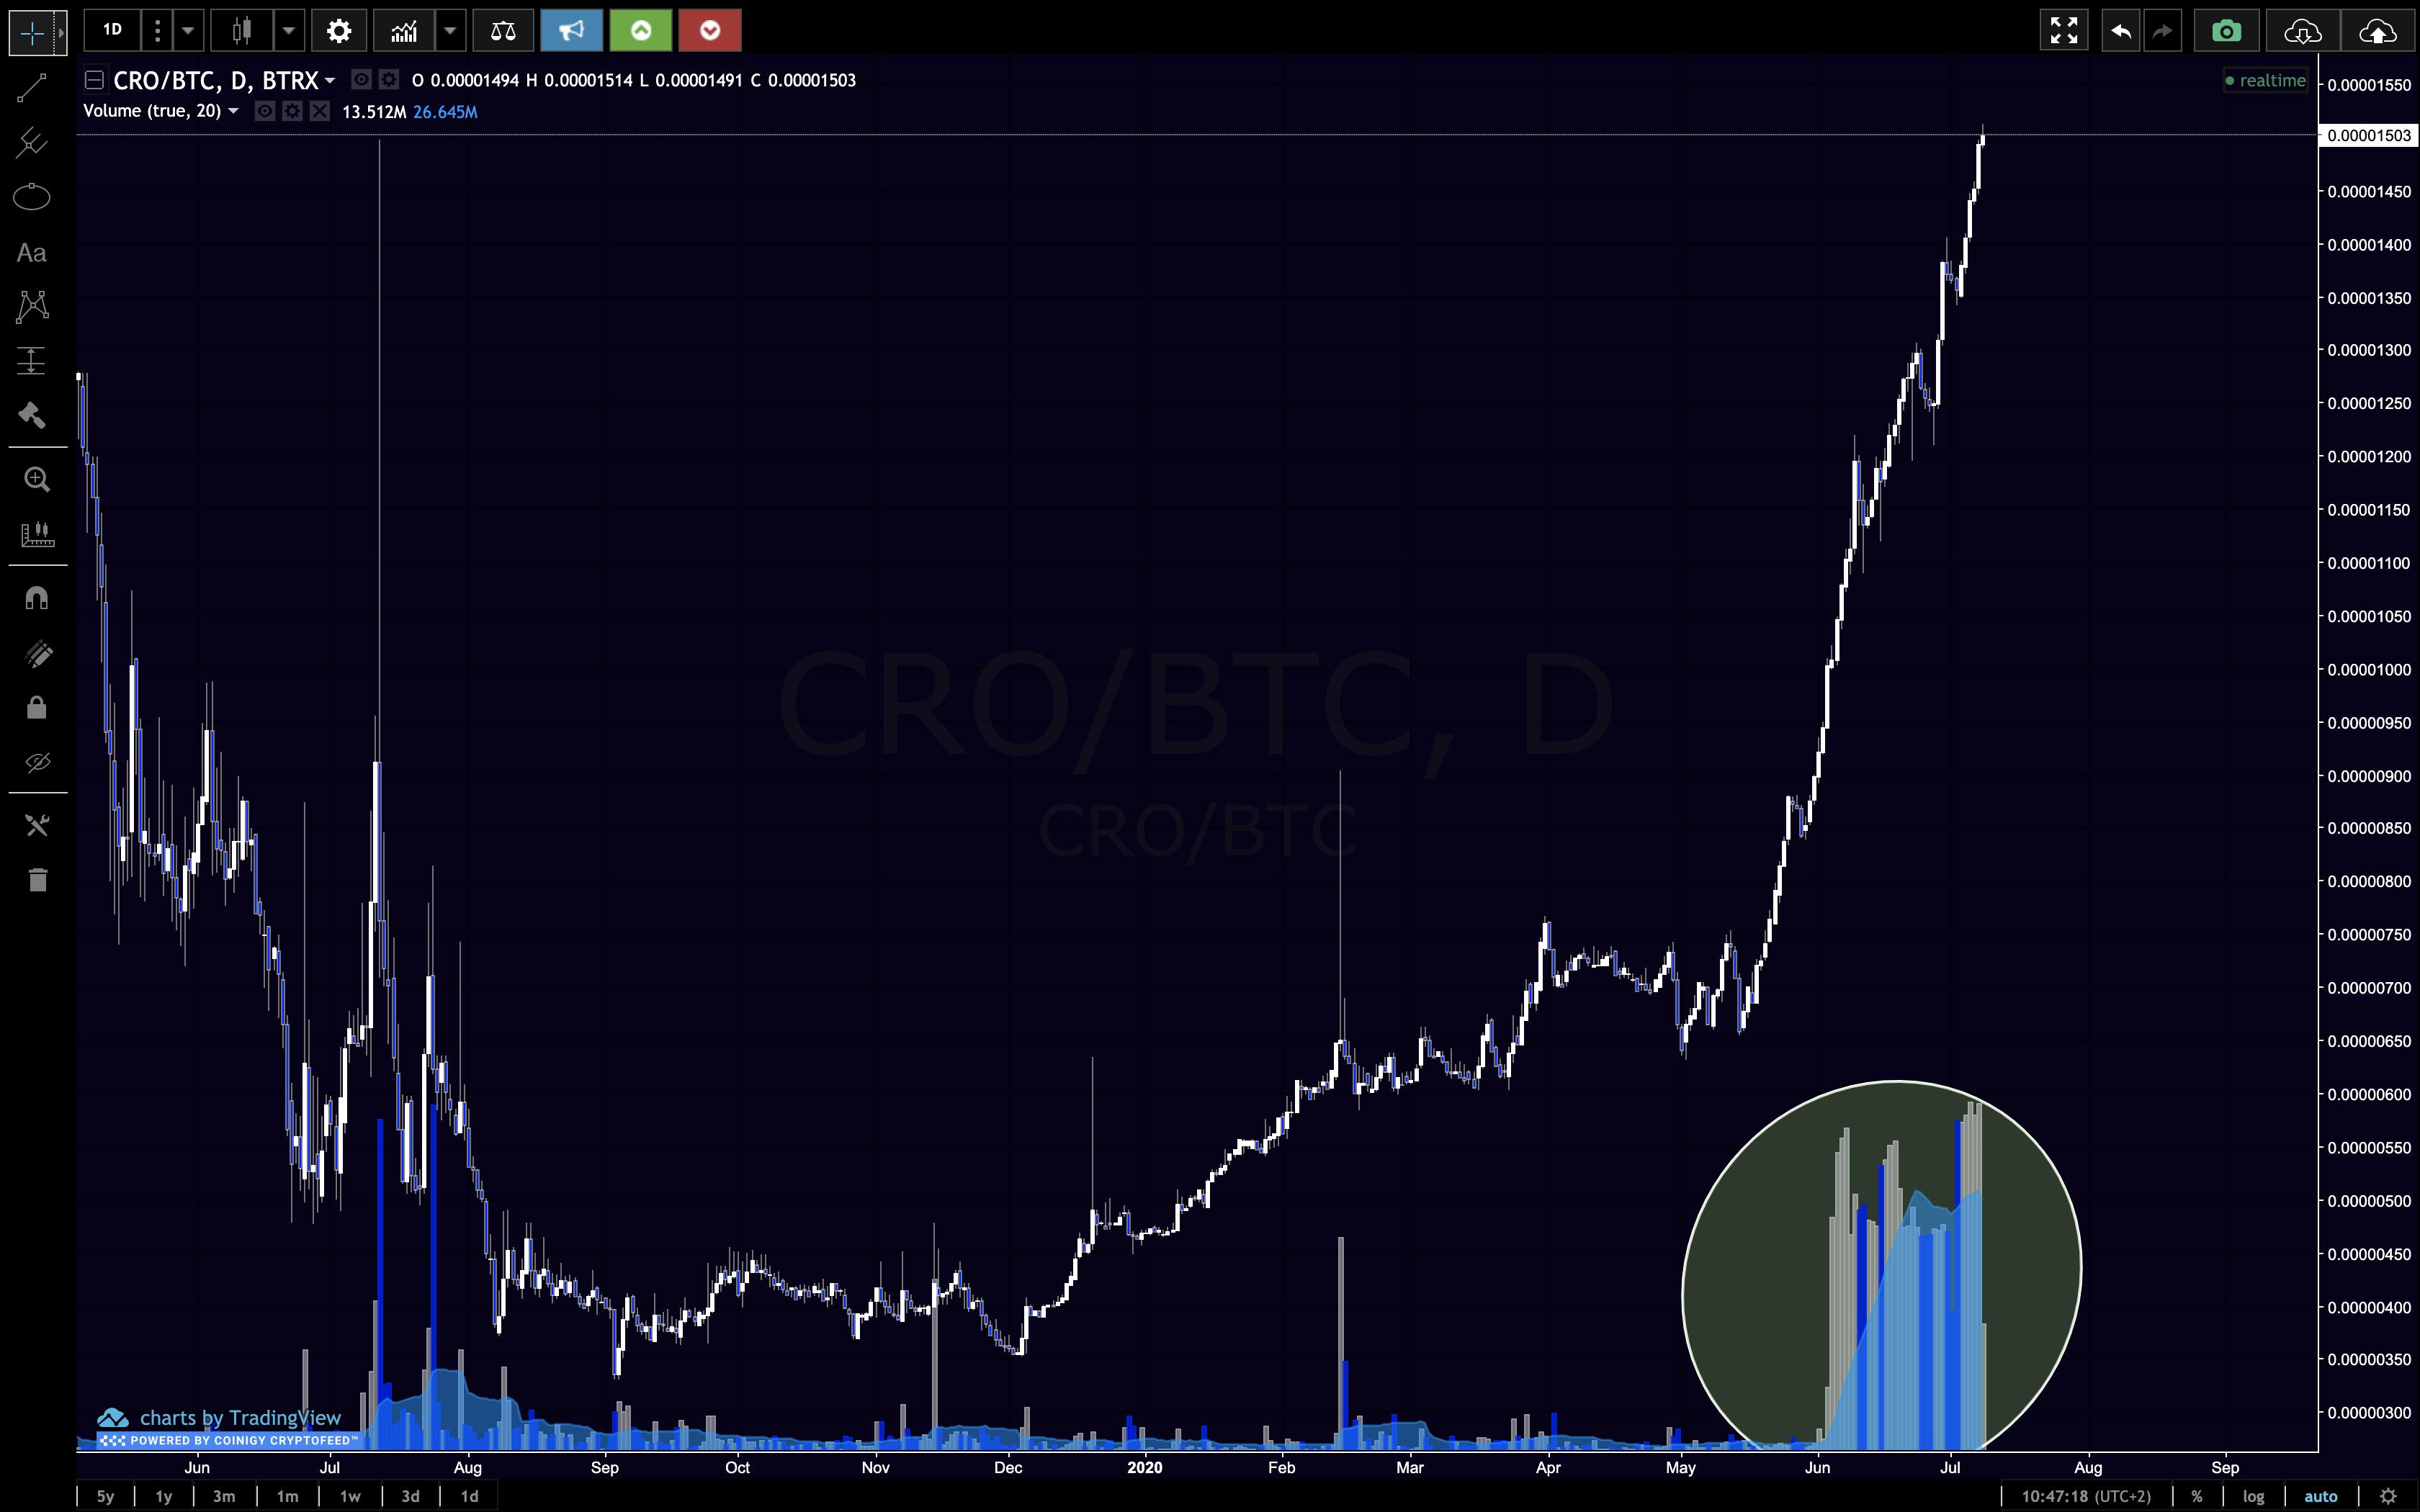 CRO:BTC trading pairs volume spike chart beincrypto tony toro